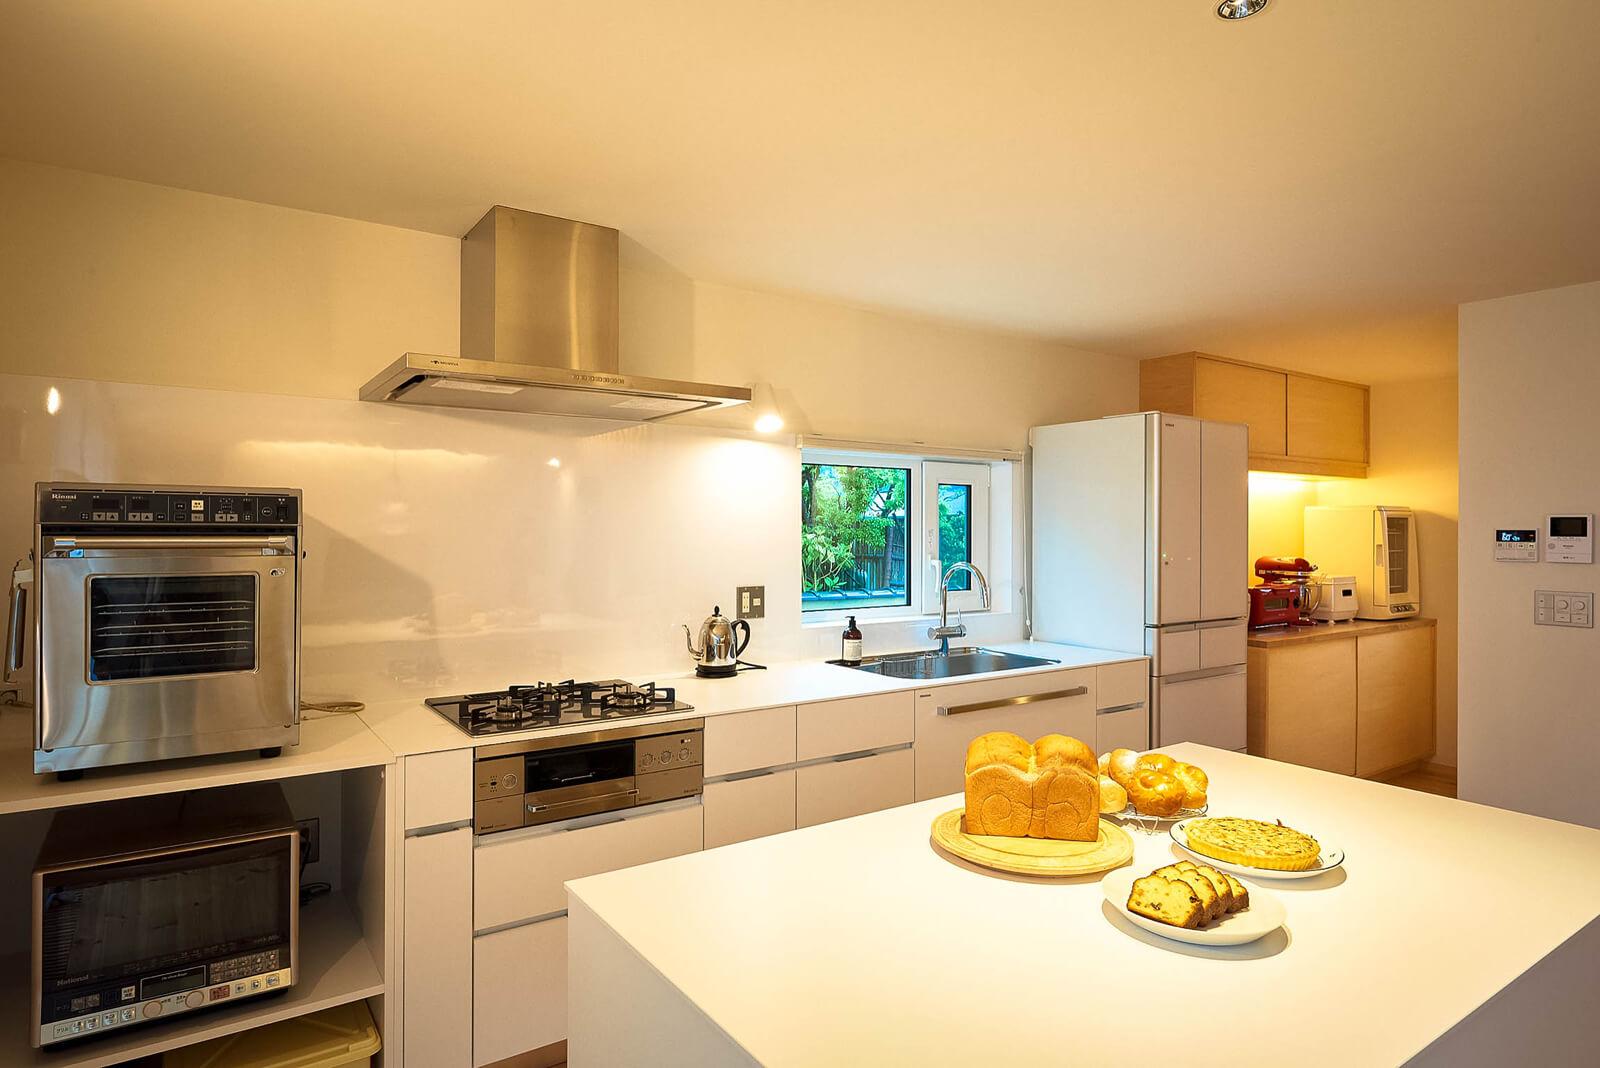 キッチンハウス製のオーダーメイドキッチン。パンを焼くための専用オーブンもある